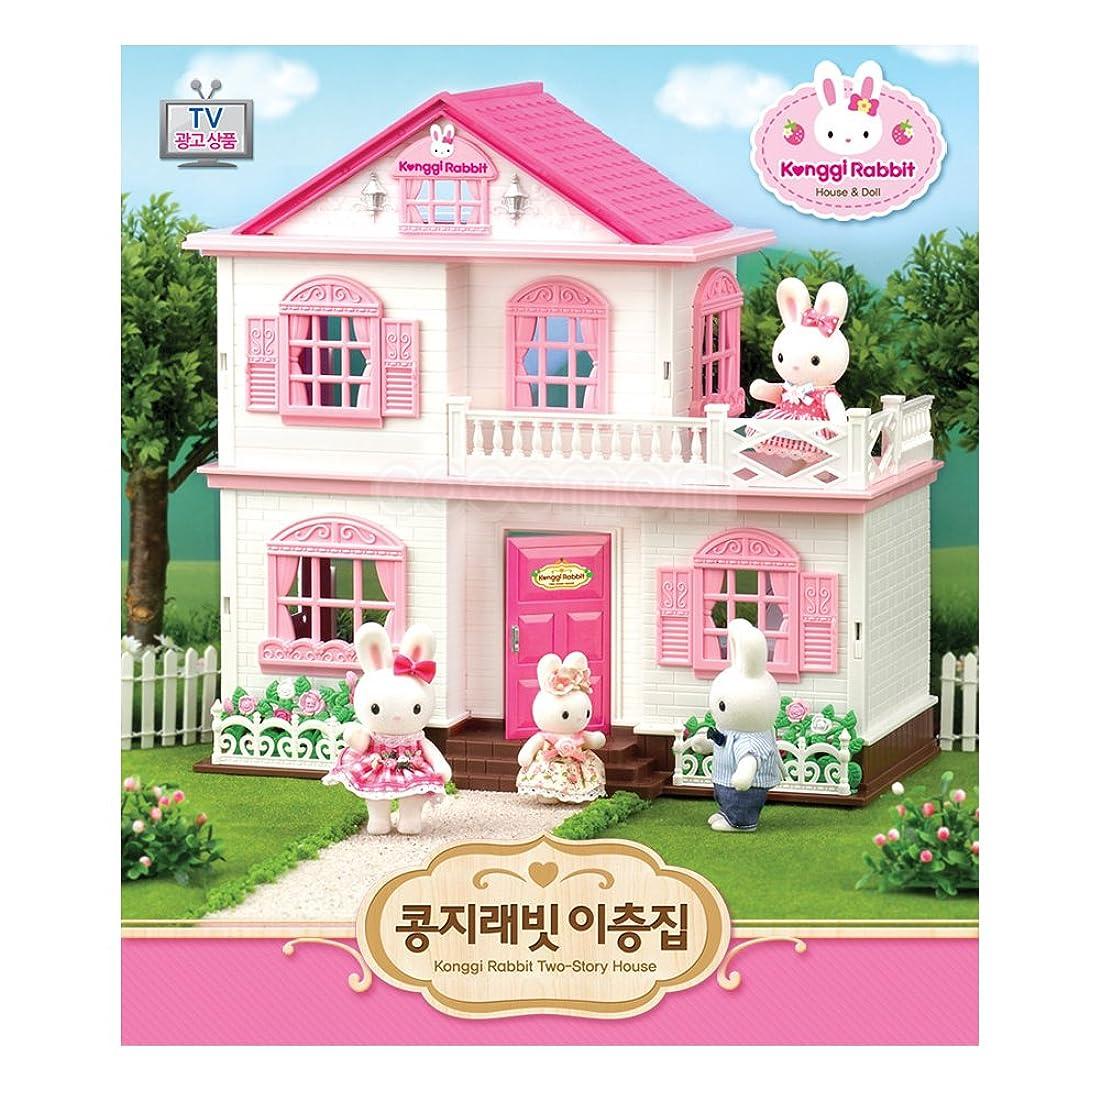 キモい郵便屋さん方向[豆ネズミ]Konggi 豆ネズミ ウサギ離層集 (Konggi rabbit two-story house) [並行輸入品]